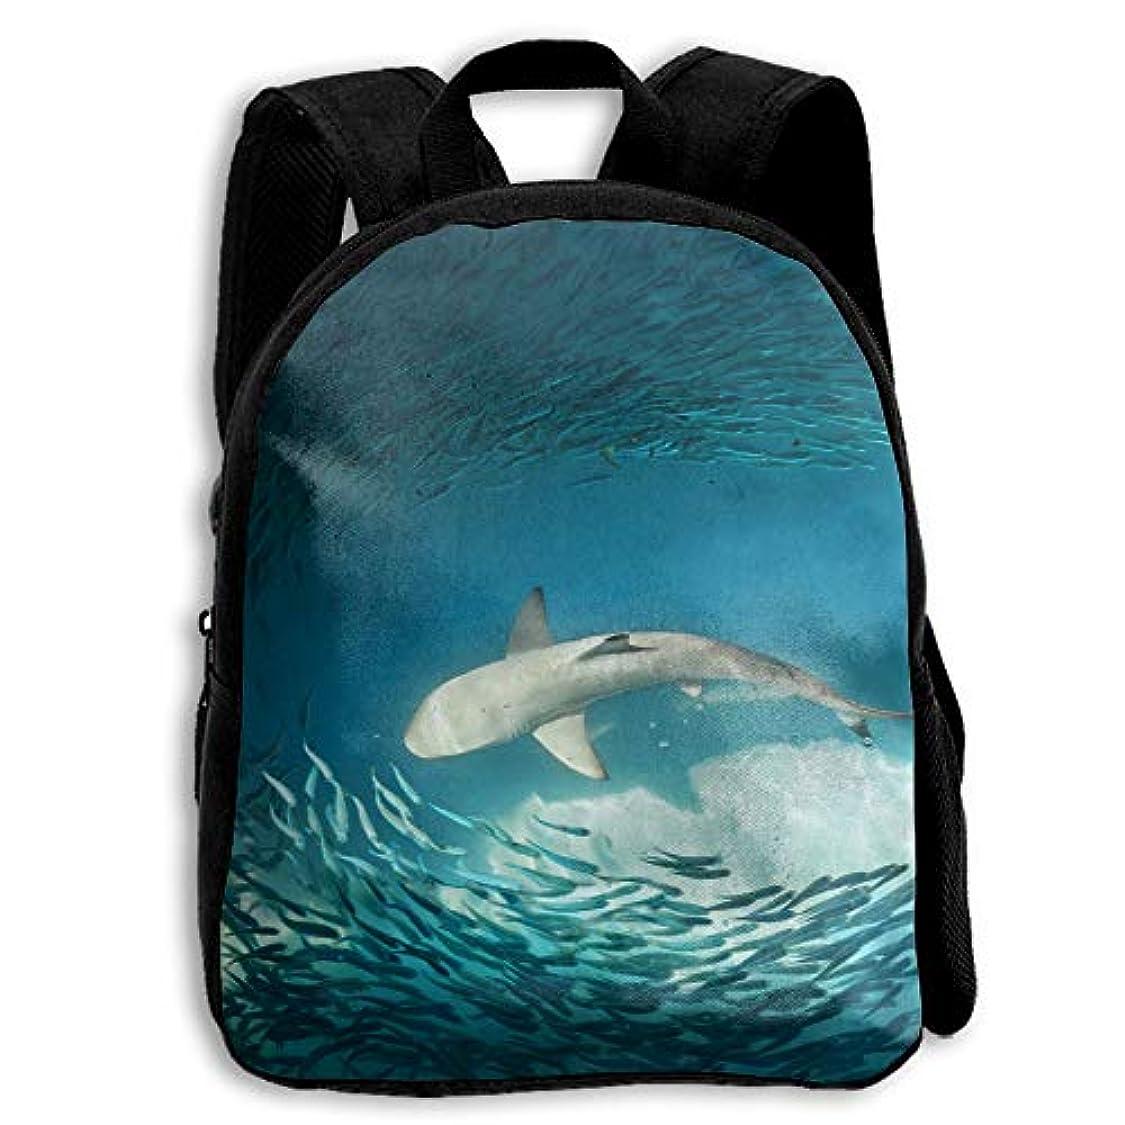 うがい薬飛行機気づくサメ ちいさい魚 海洋 子供用 リュック リュックサック キッズリュック 通学 男女兼用 キッズバッグ 入園 入学 保育園 アウトドア 軽量 バックパック 双肩バッグ 鞄